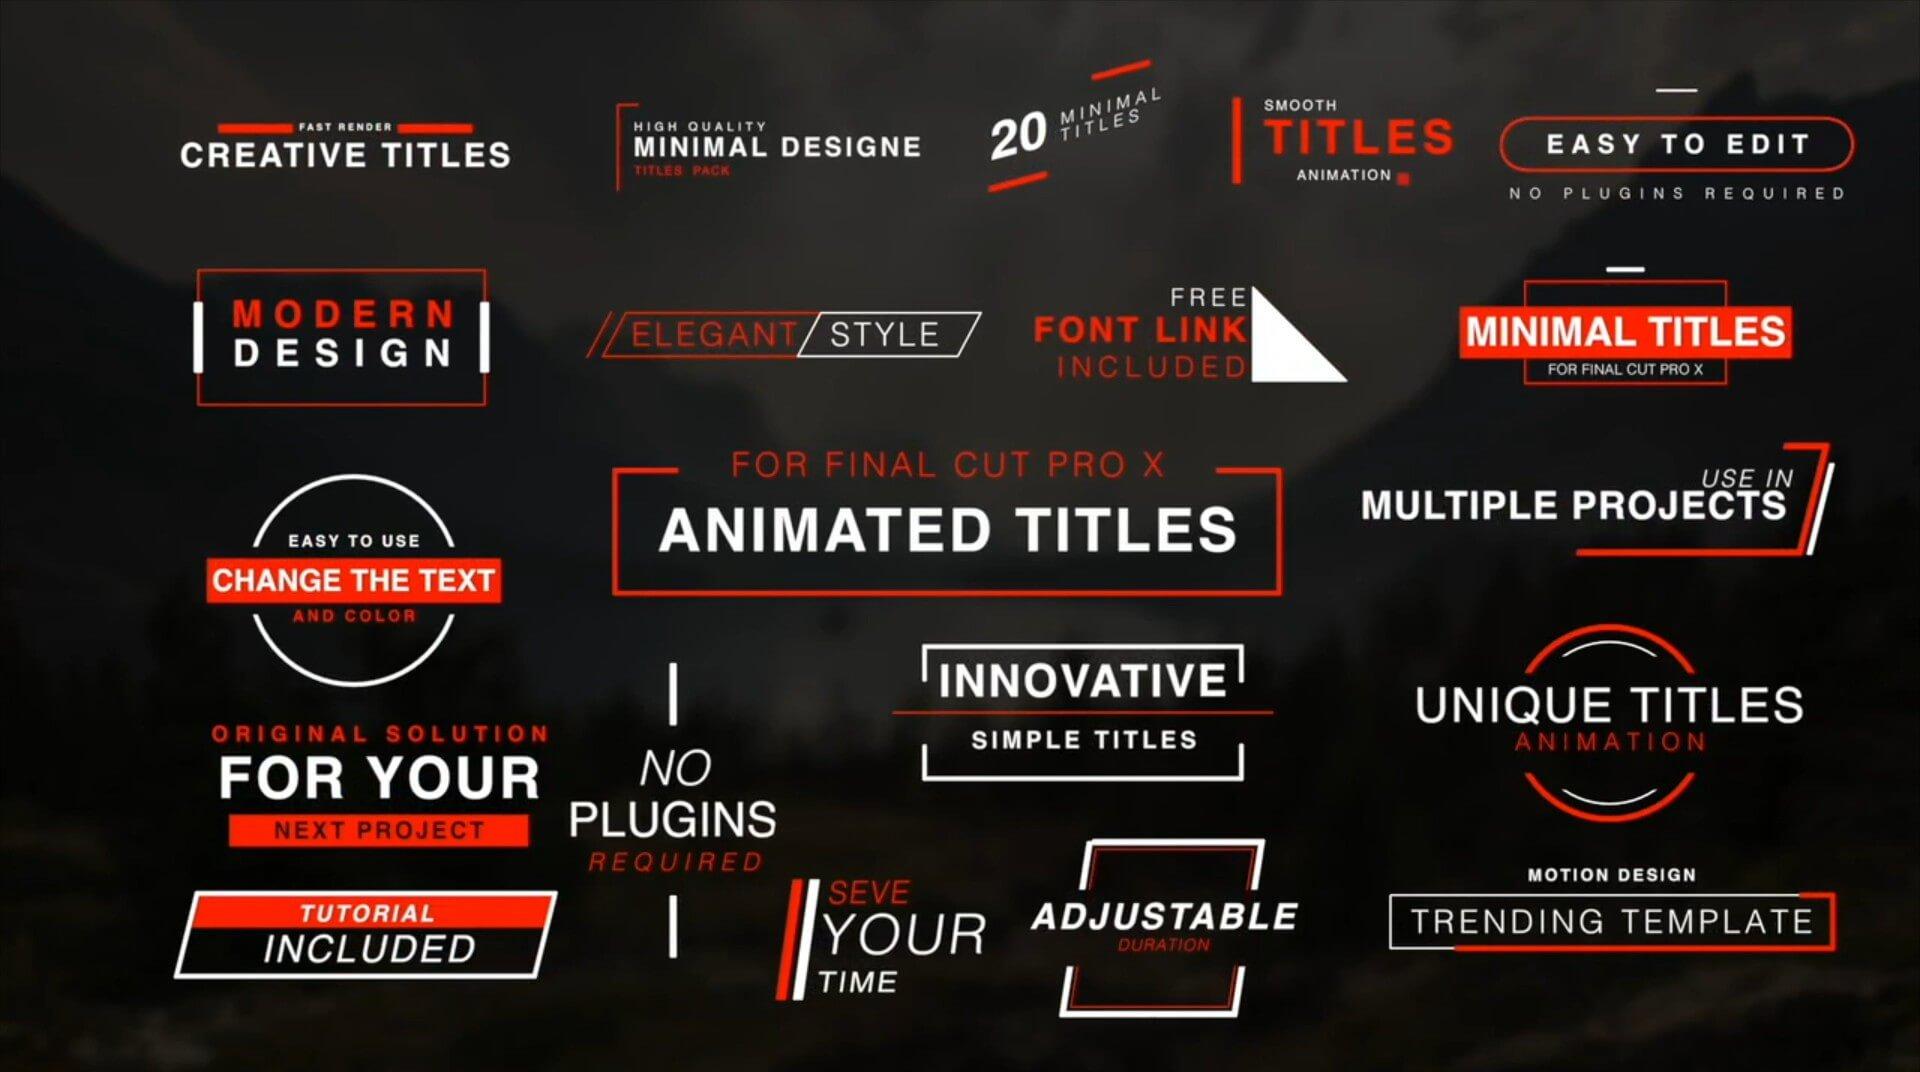 FCPX标题插件 20个4K简约时尚字幕模板 Minimal Titles